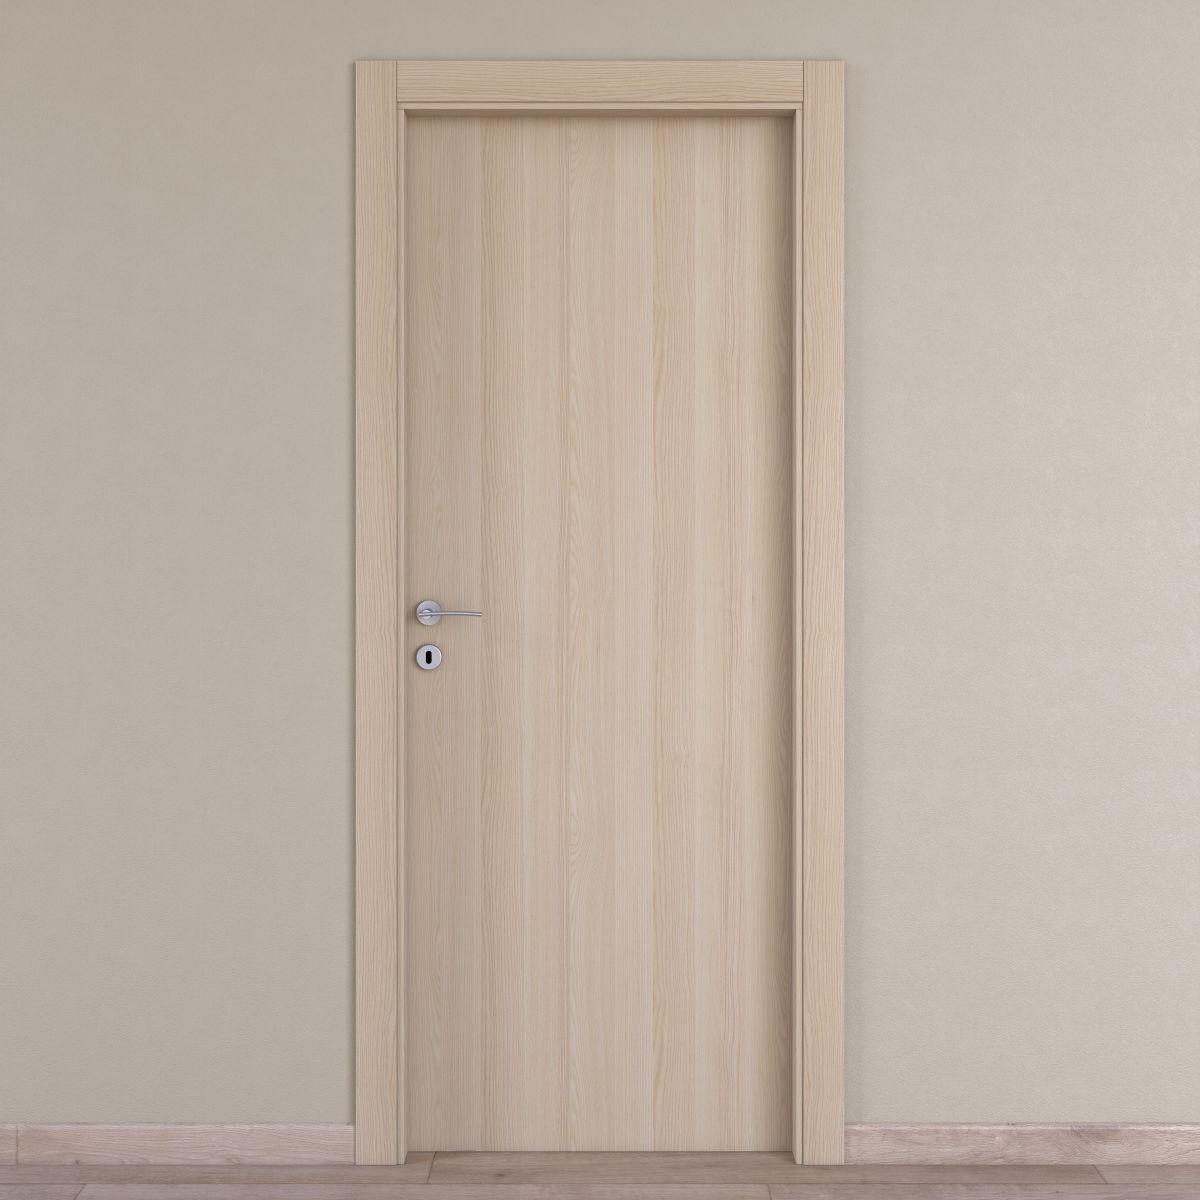 Costo montaggio porta blindata leroy merlin simple porte scale e blindata big noce l x h with - Porta a soffietto costo ...